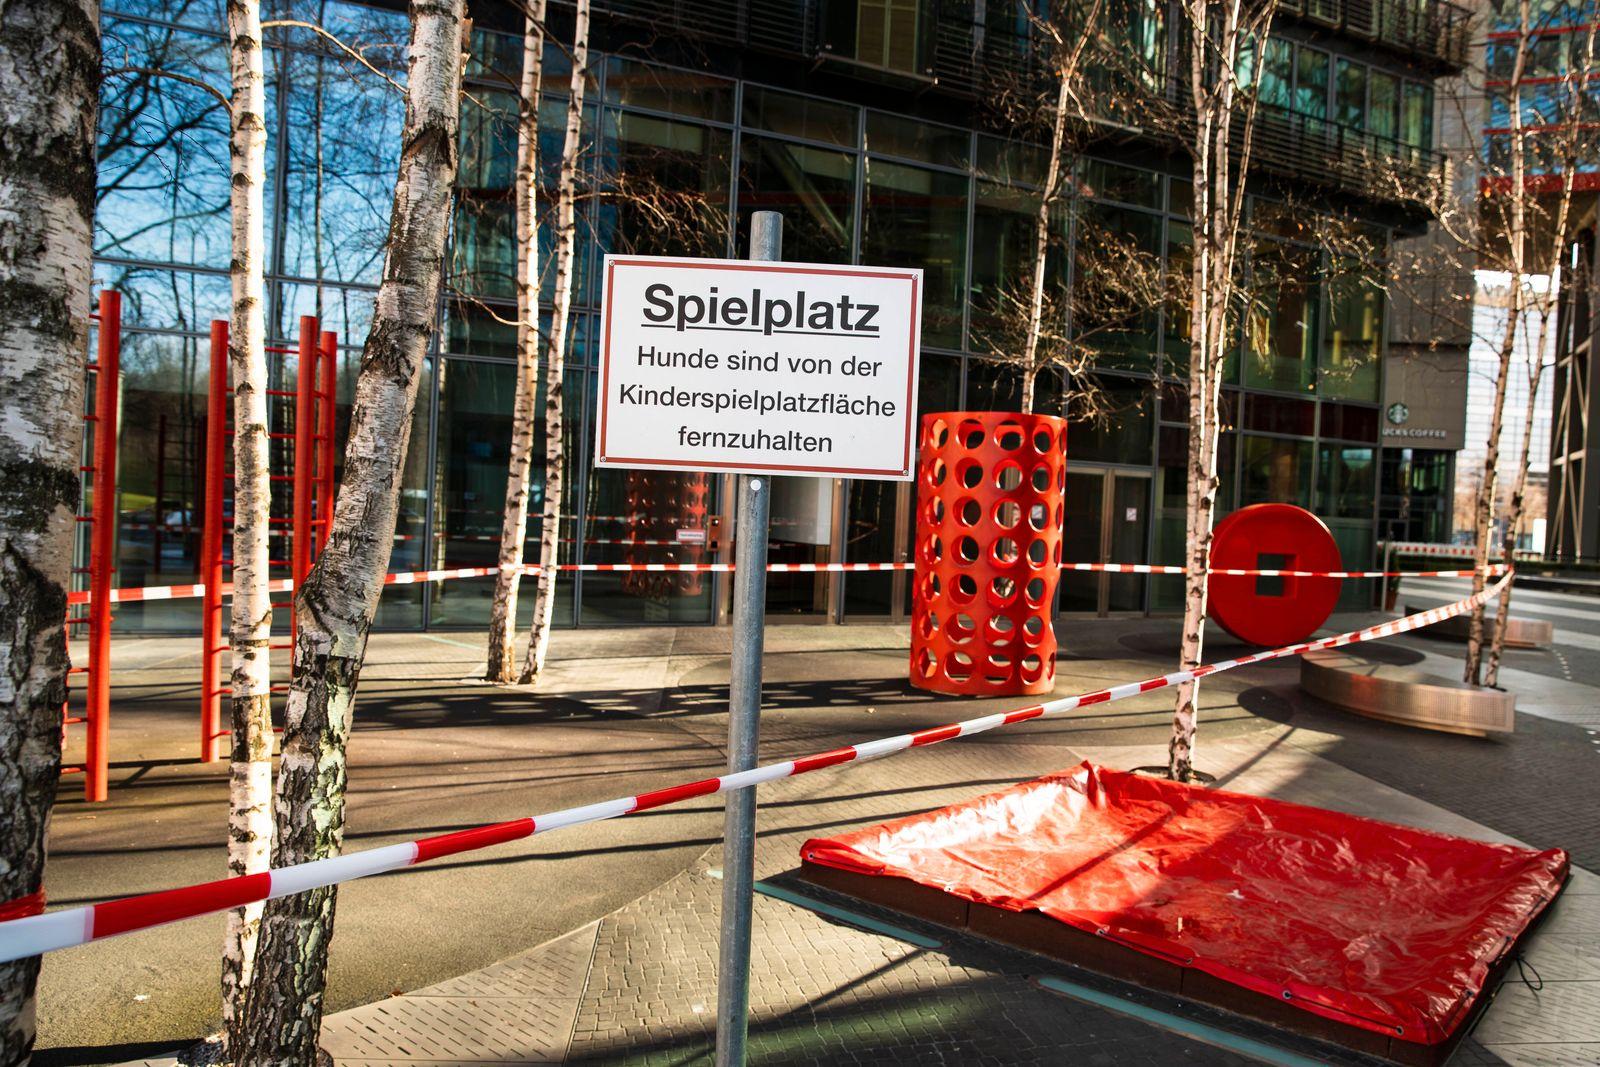 Geschlossene Spielplatz in Berlin am 2. April 2020. Um die Verbreitung des Coronavirus (SARS-CoV-2) zu verlangsamen besc